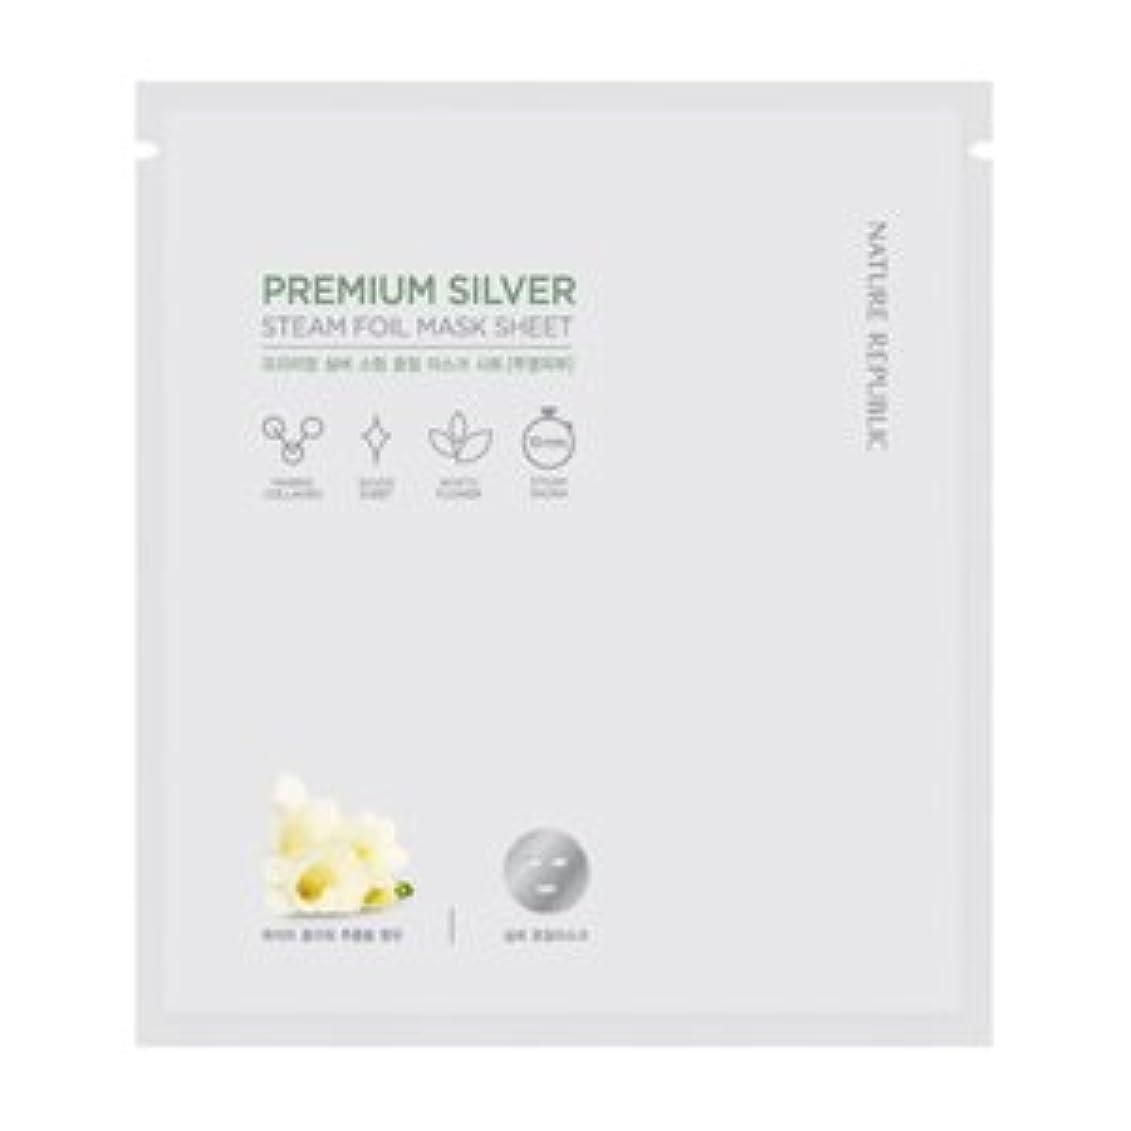 信頼できるまばたき谷Nature Republic Premium silver Steam Foil Mask Sheet [5ea] ネーチャーリパブリック プレミアムシルバースチームホイルマスクシート [5枚] [並行輸入品]